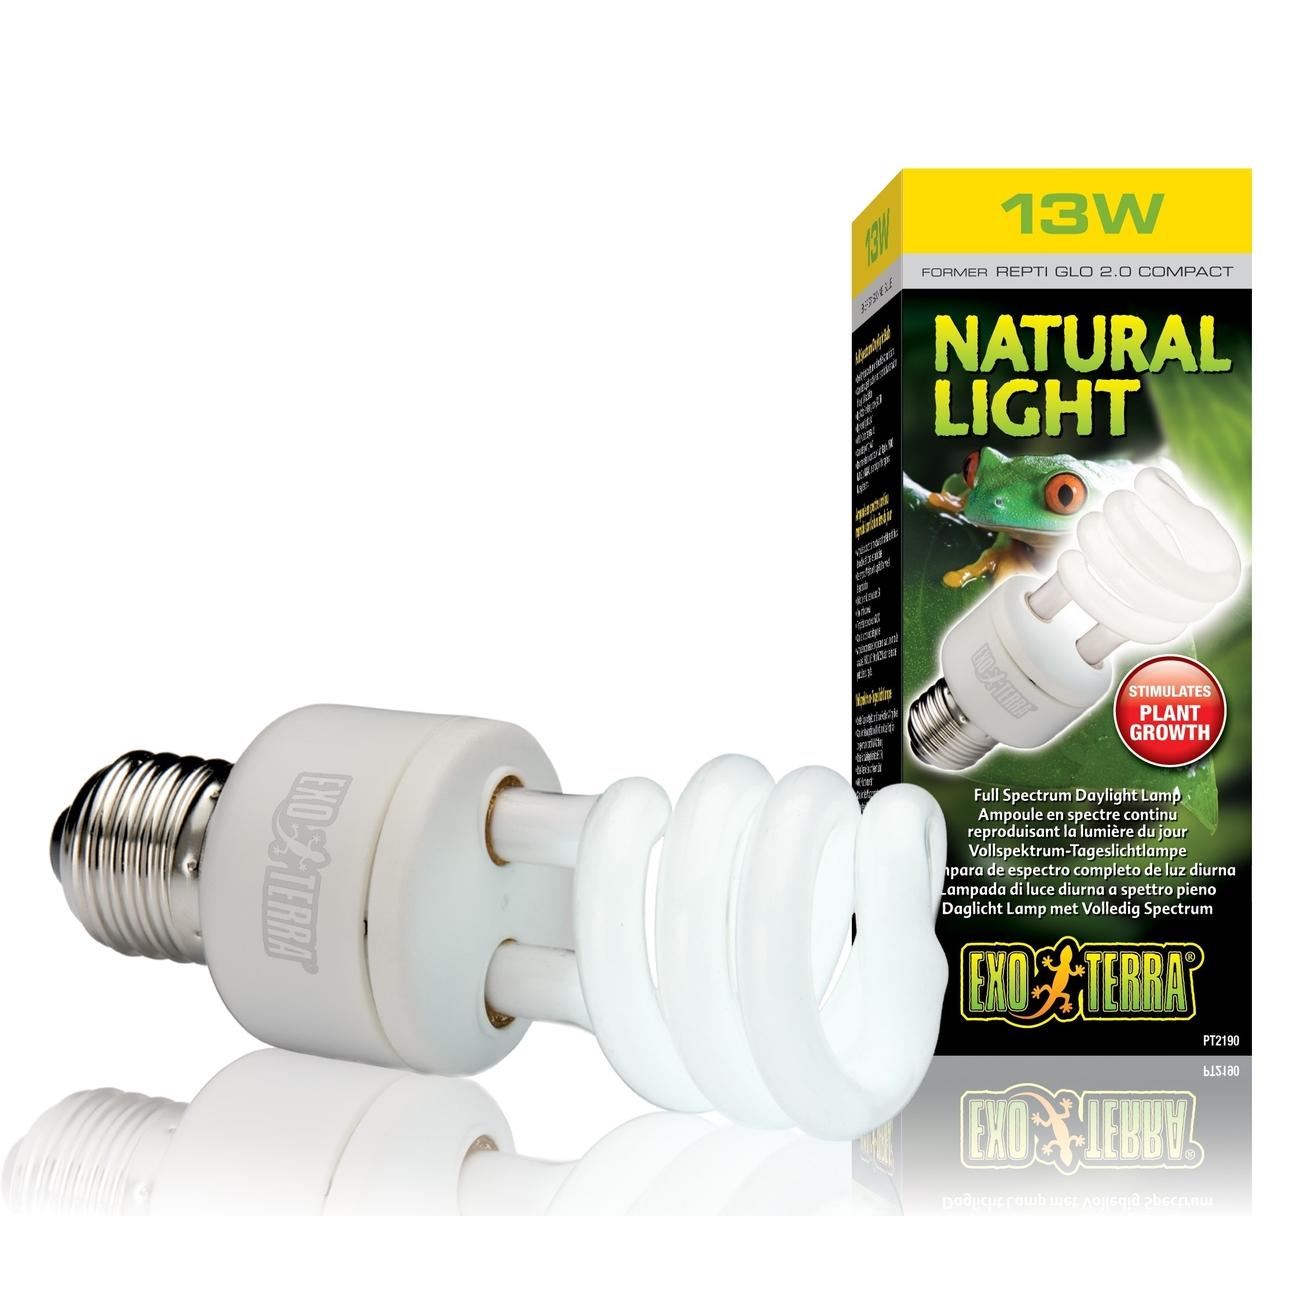 Hagen Exo Terra - Tageslichtlampe für alle Reptilien & Amphibien, 13 W